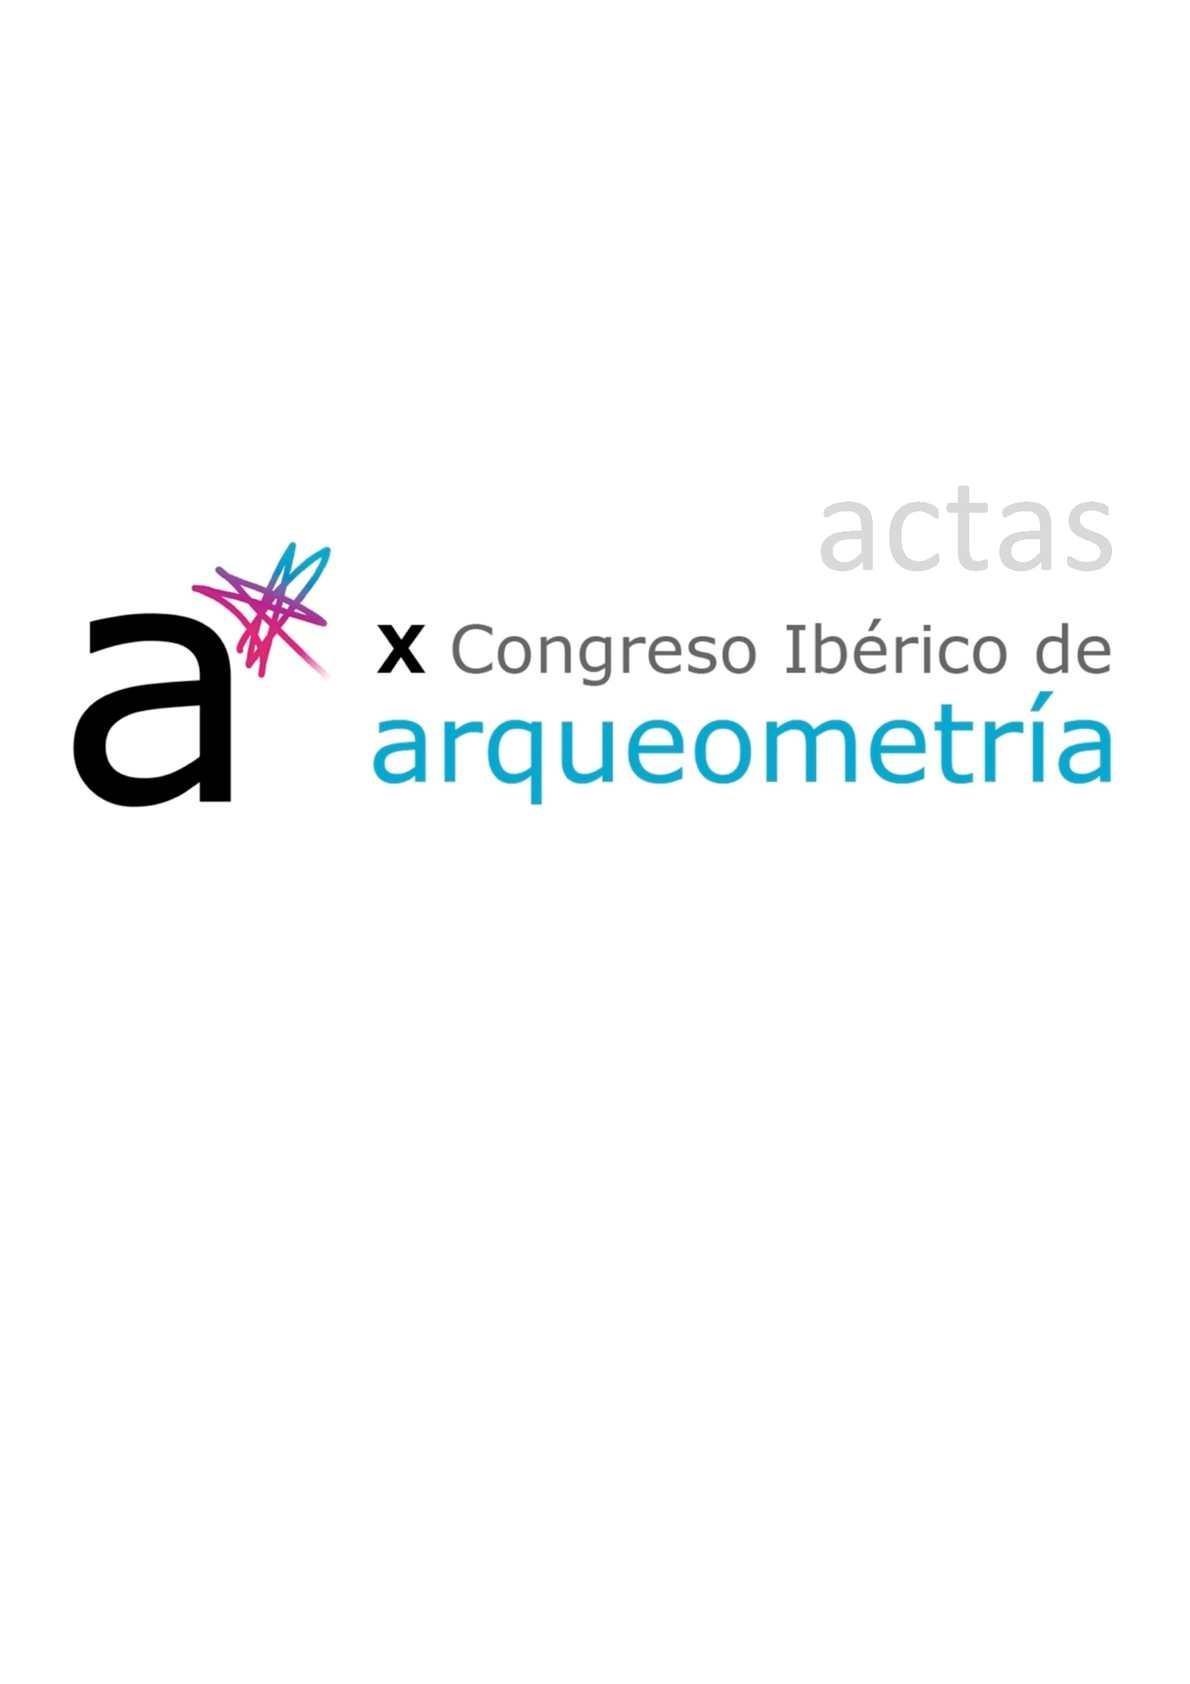 Calaméo - Actas del X Congreso Ibérico de Arqueometría